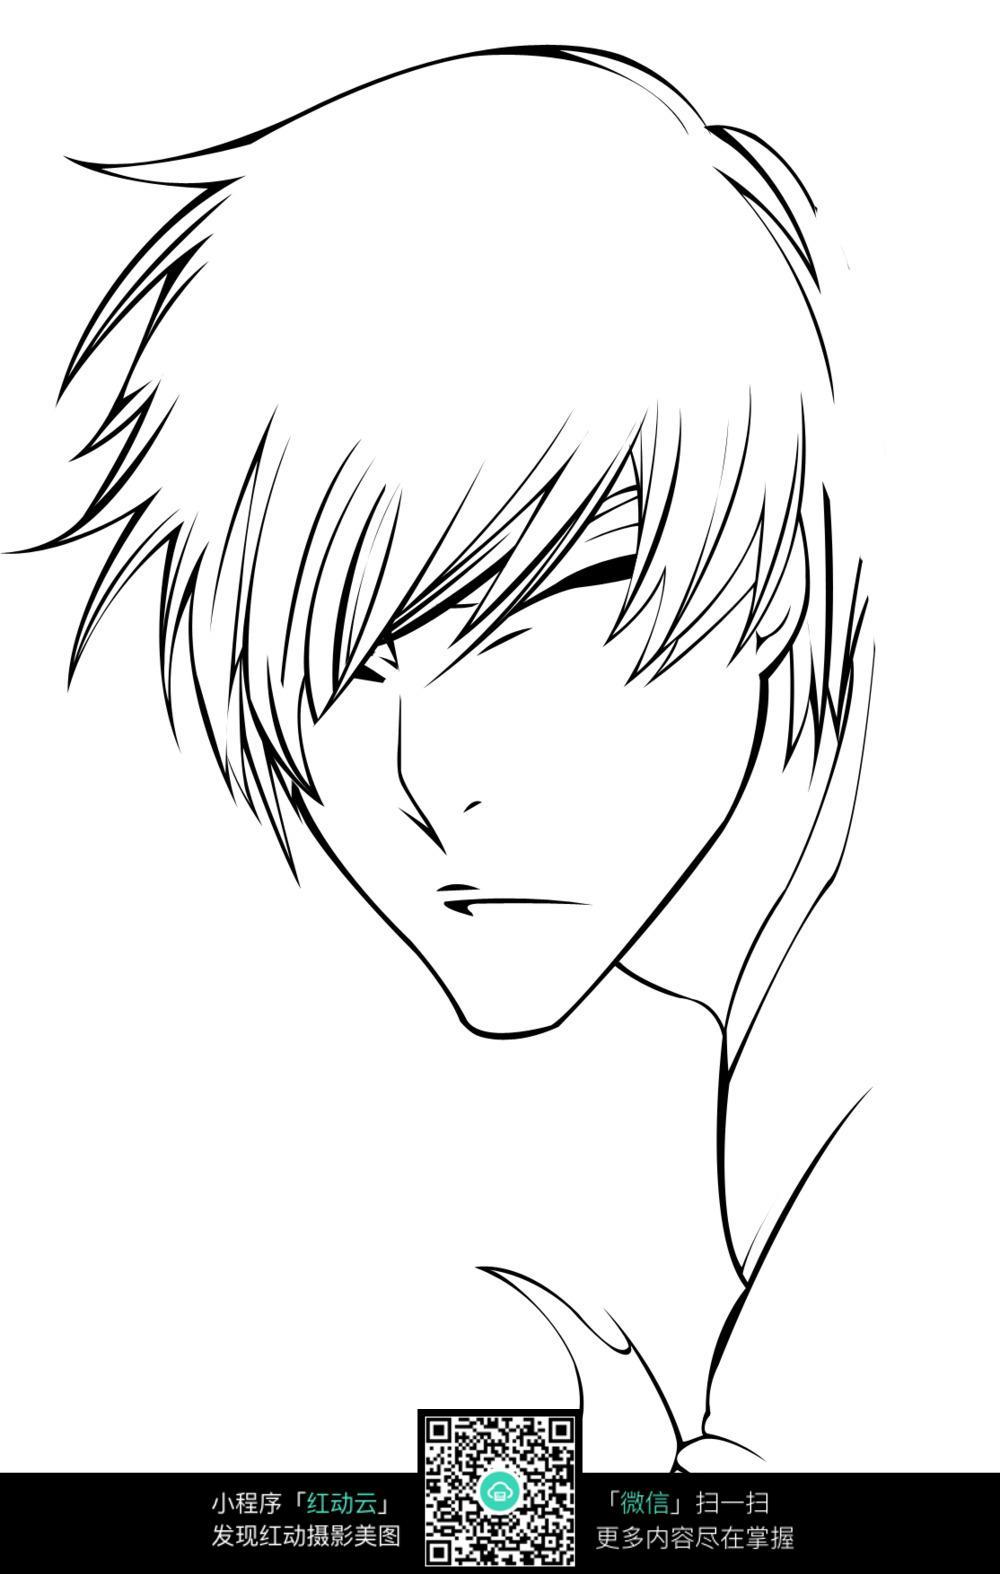 简笔画灯笼对称-男子头像卡通手绘线稿图片免费下载 编号3679472 红